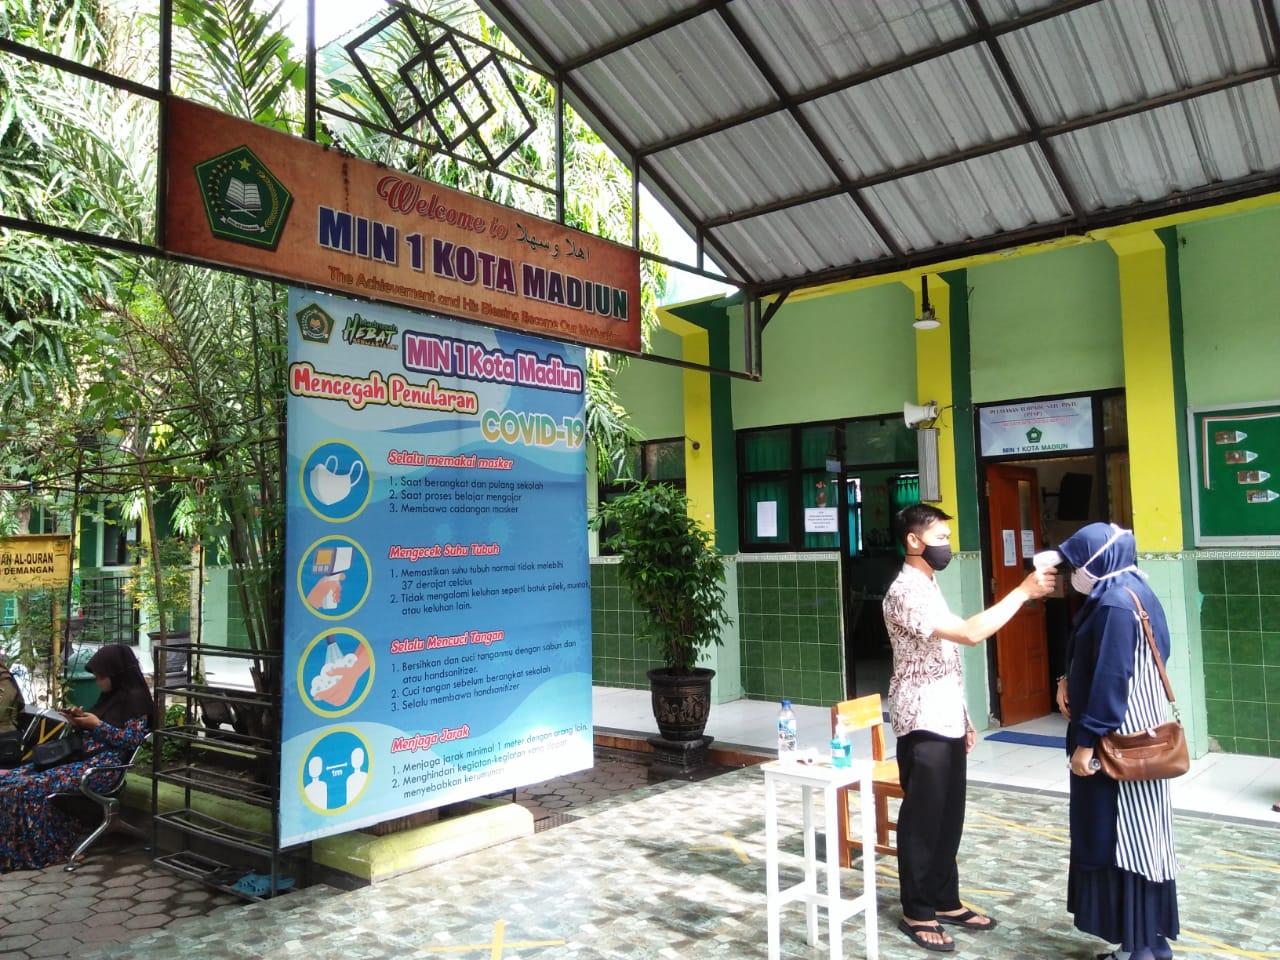 Pengumpulan Berkas PPDB MIN 1 Kota Madiun dengan Terapkan Disiplin Protokol Kesehatan 3M